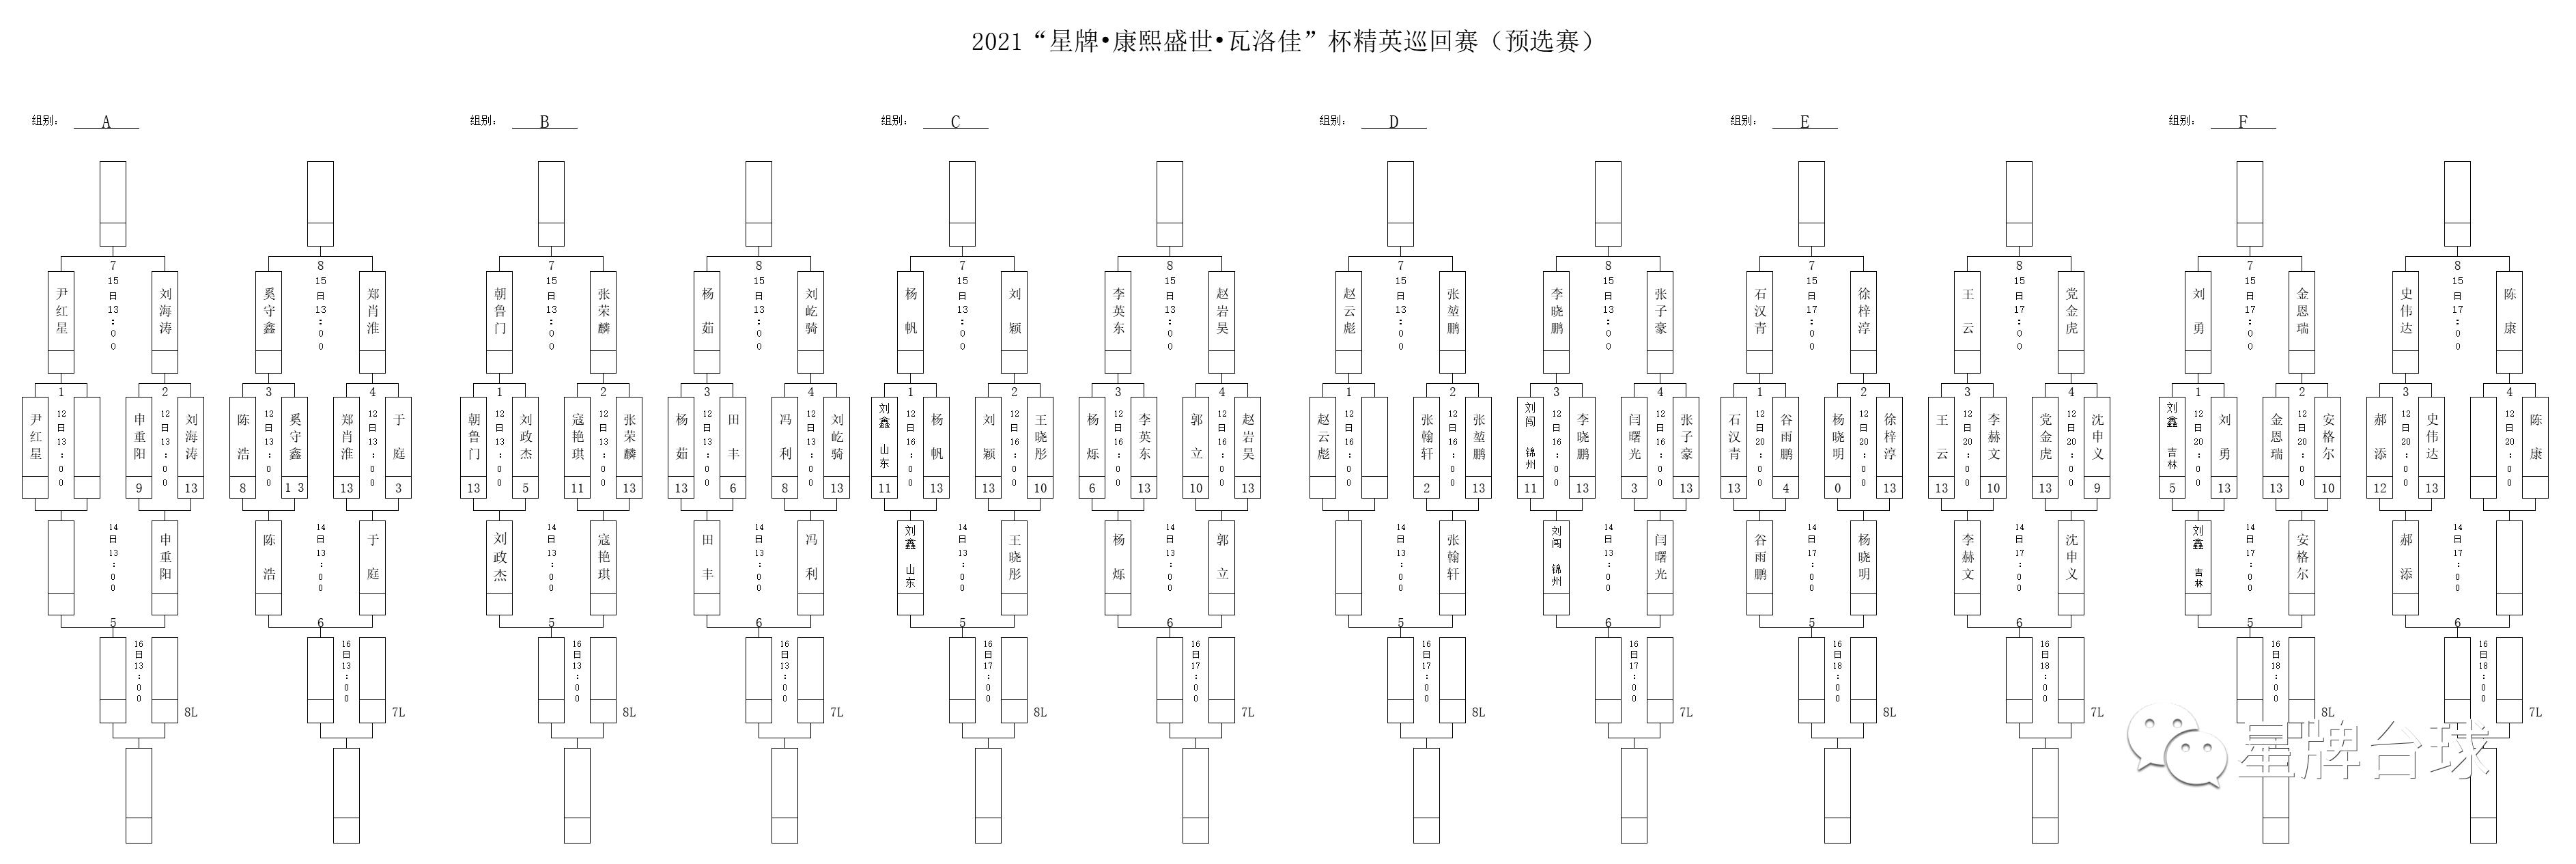 【精英巡回赛预选赛】史伟达绝杀郝添 石汉青、杨帆等人挺进胜部